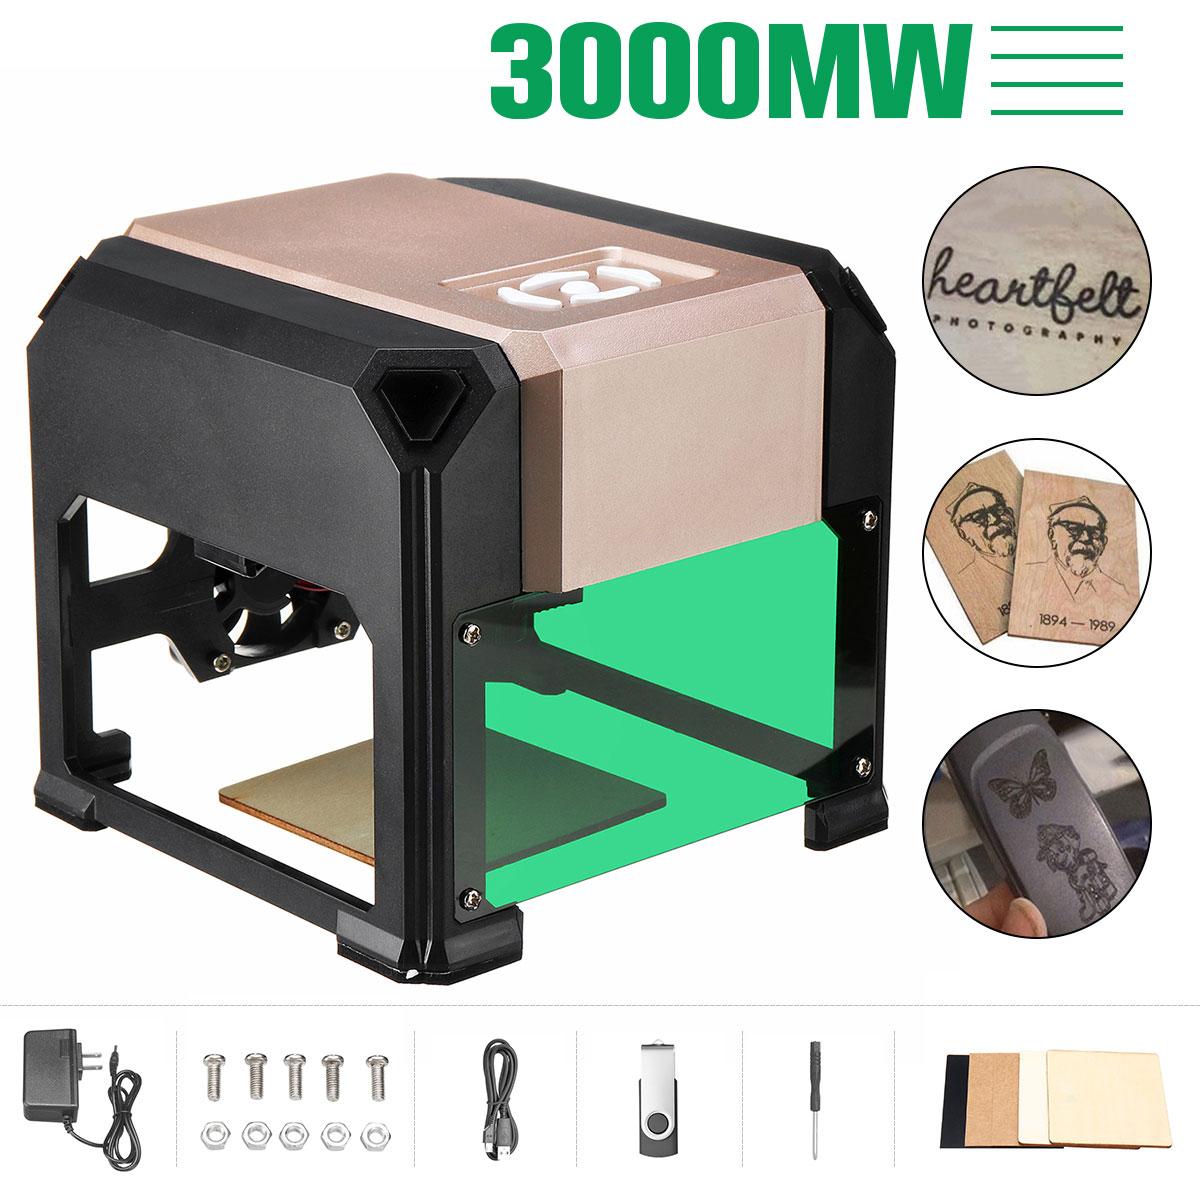 2000/3000mW USB Desktop Laser Engraver Machine DIY Logo Mark Printer Cutter  CNC Laser Carving Machine 80x80mm Engraving Range